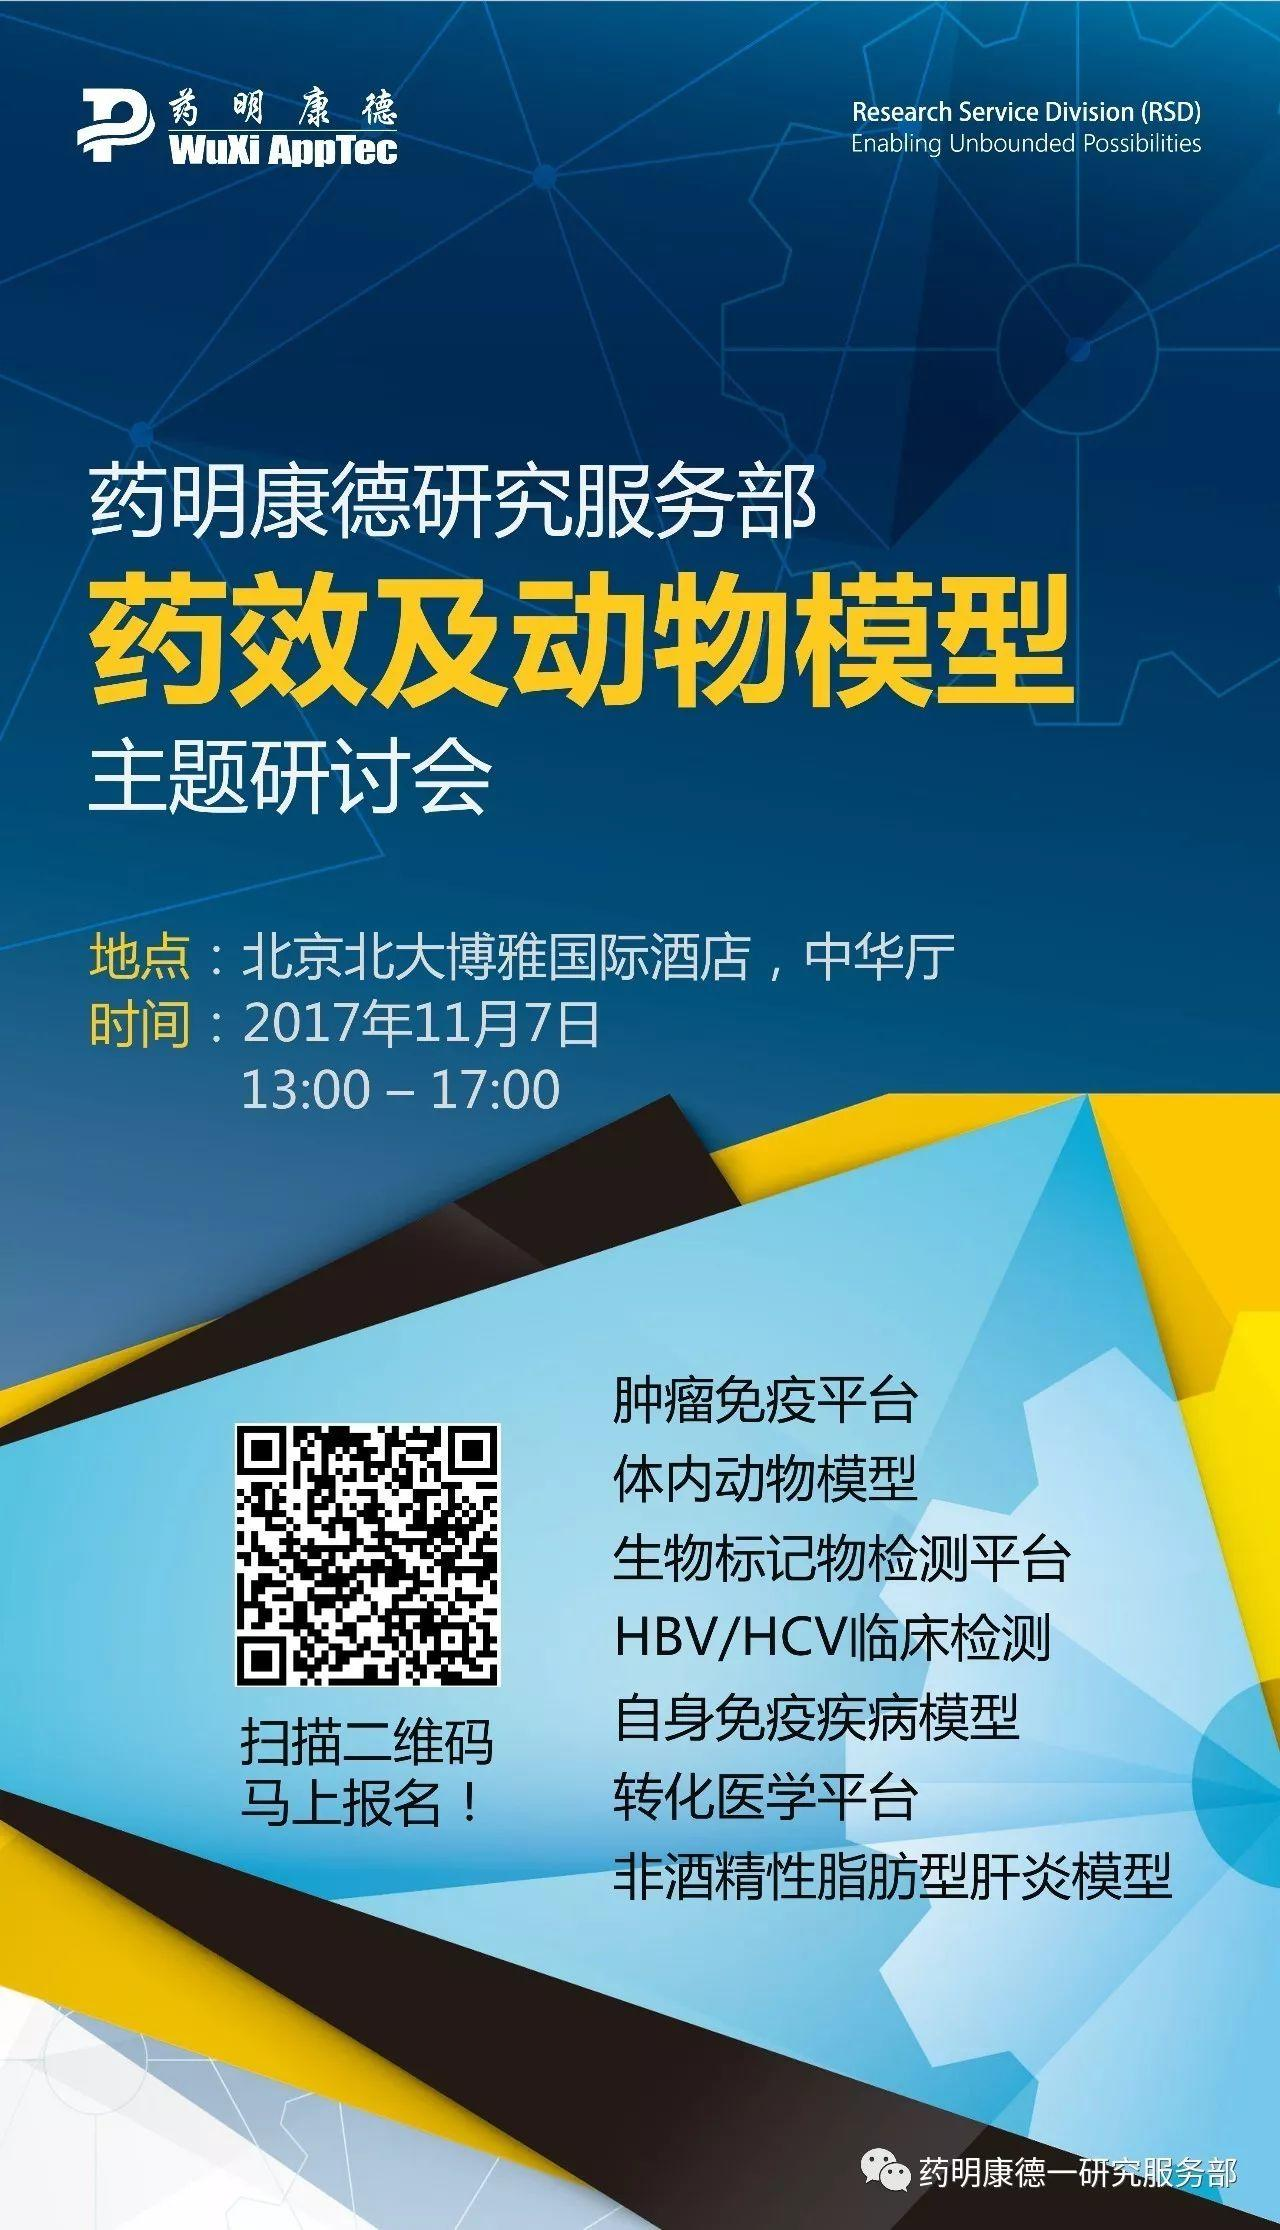 药明康德研究服务部药效及动物模型主题研讨会 l 北京站